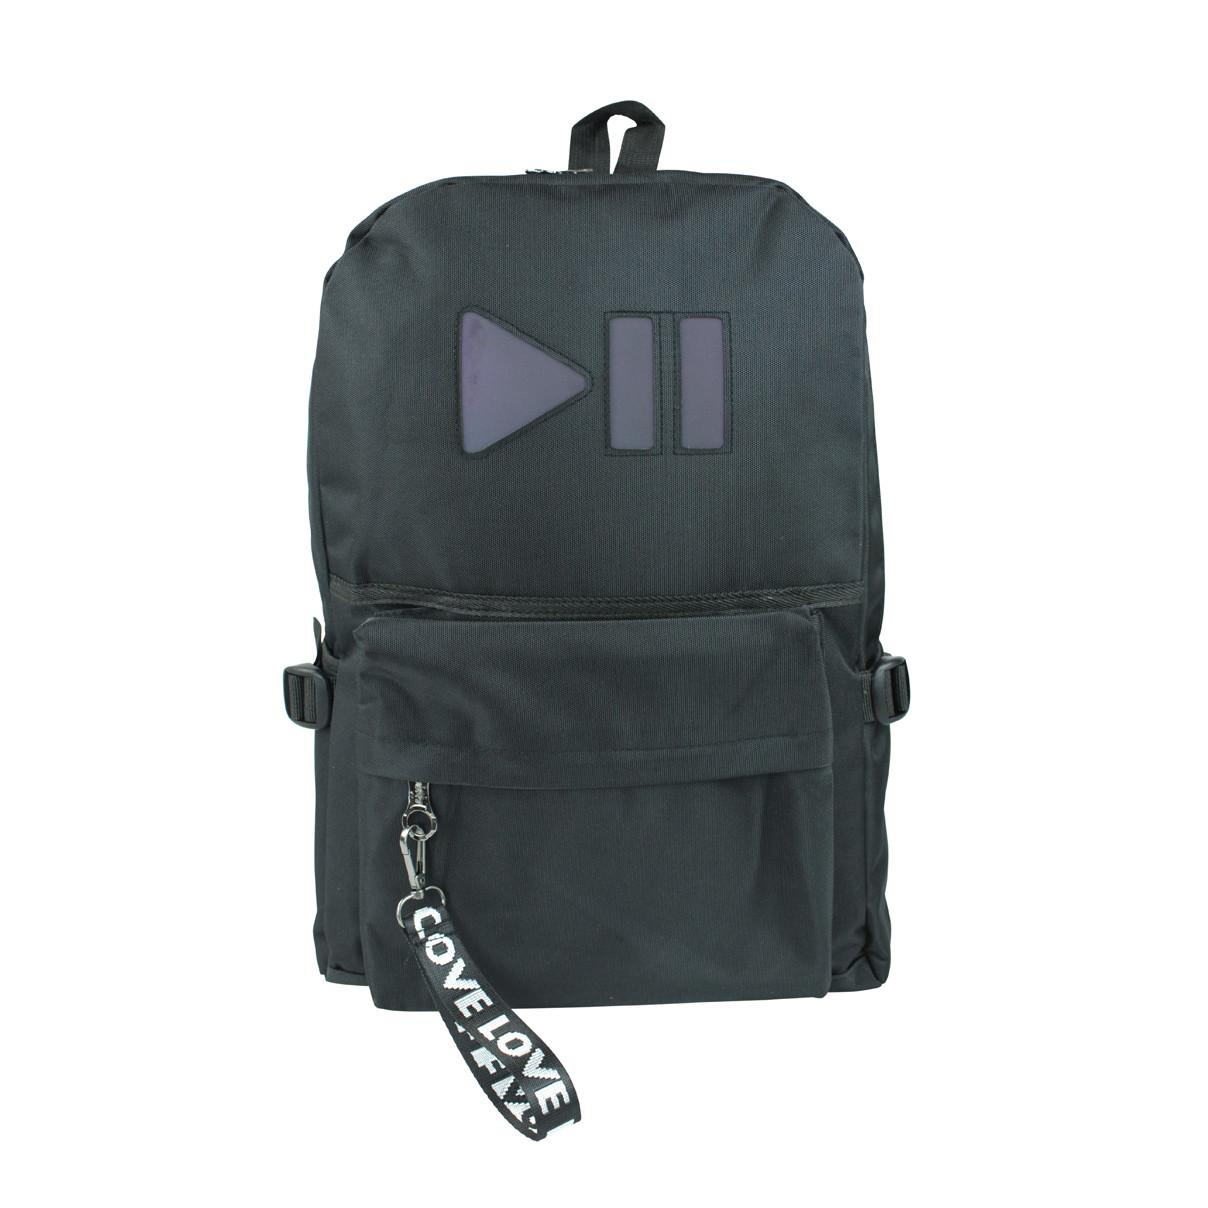 Рюкзак міський чорний з вставкою play pause